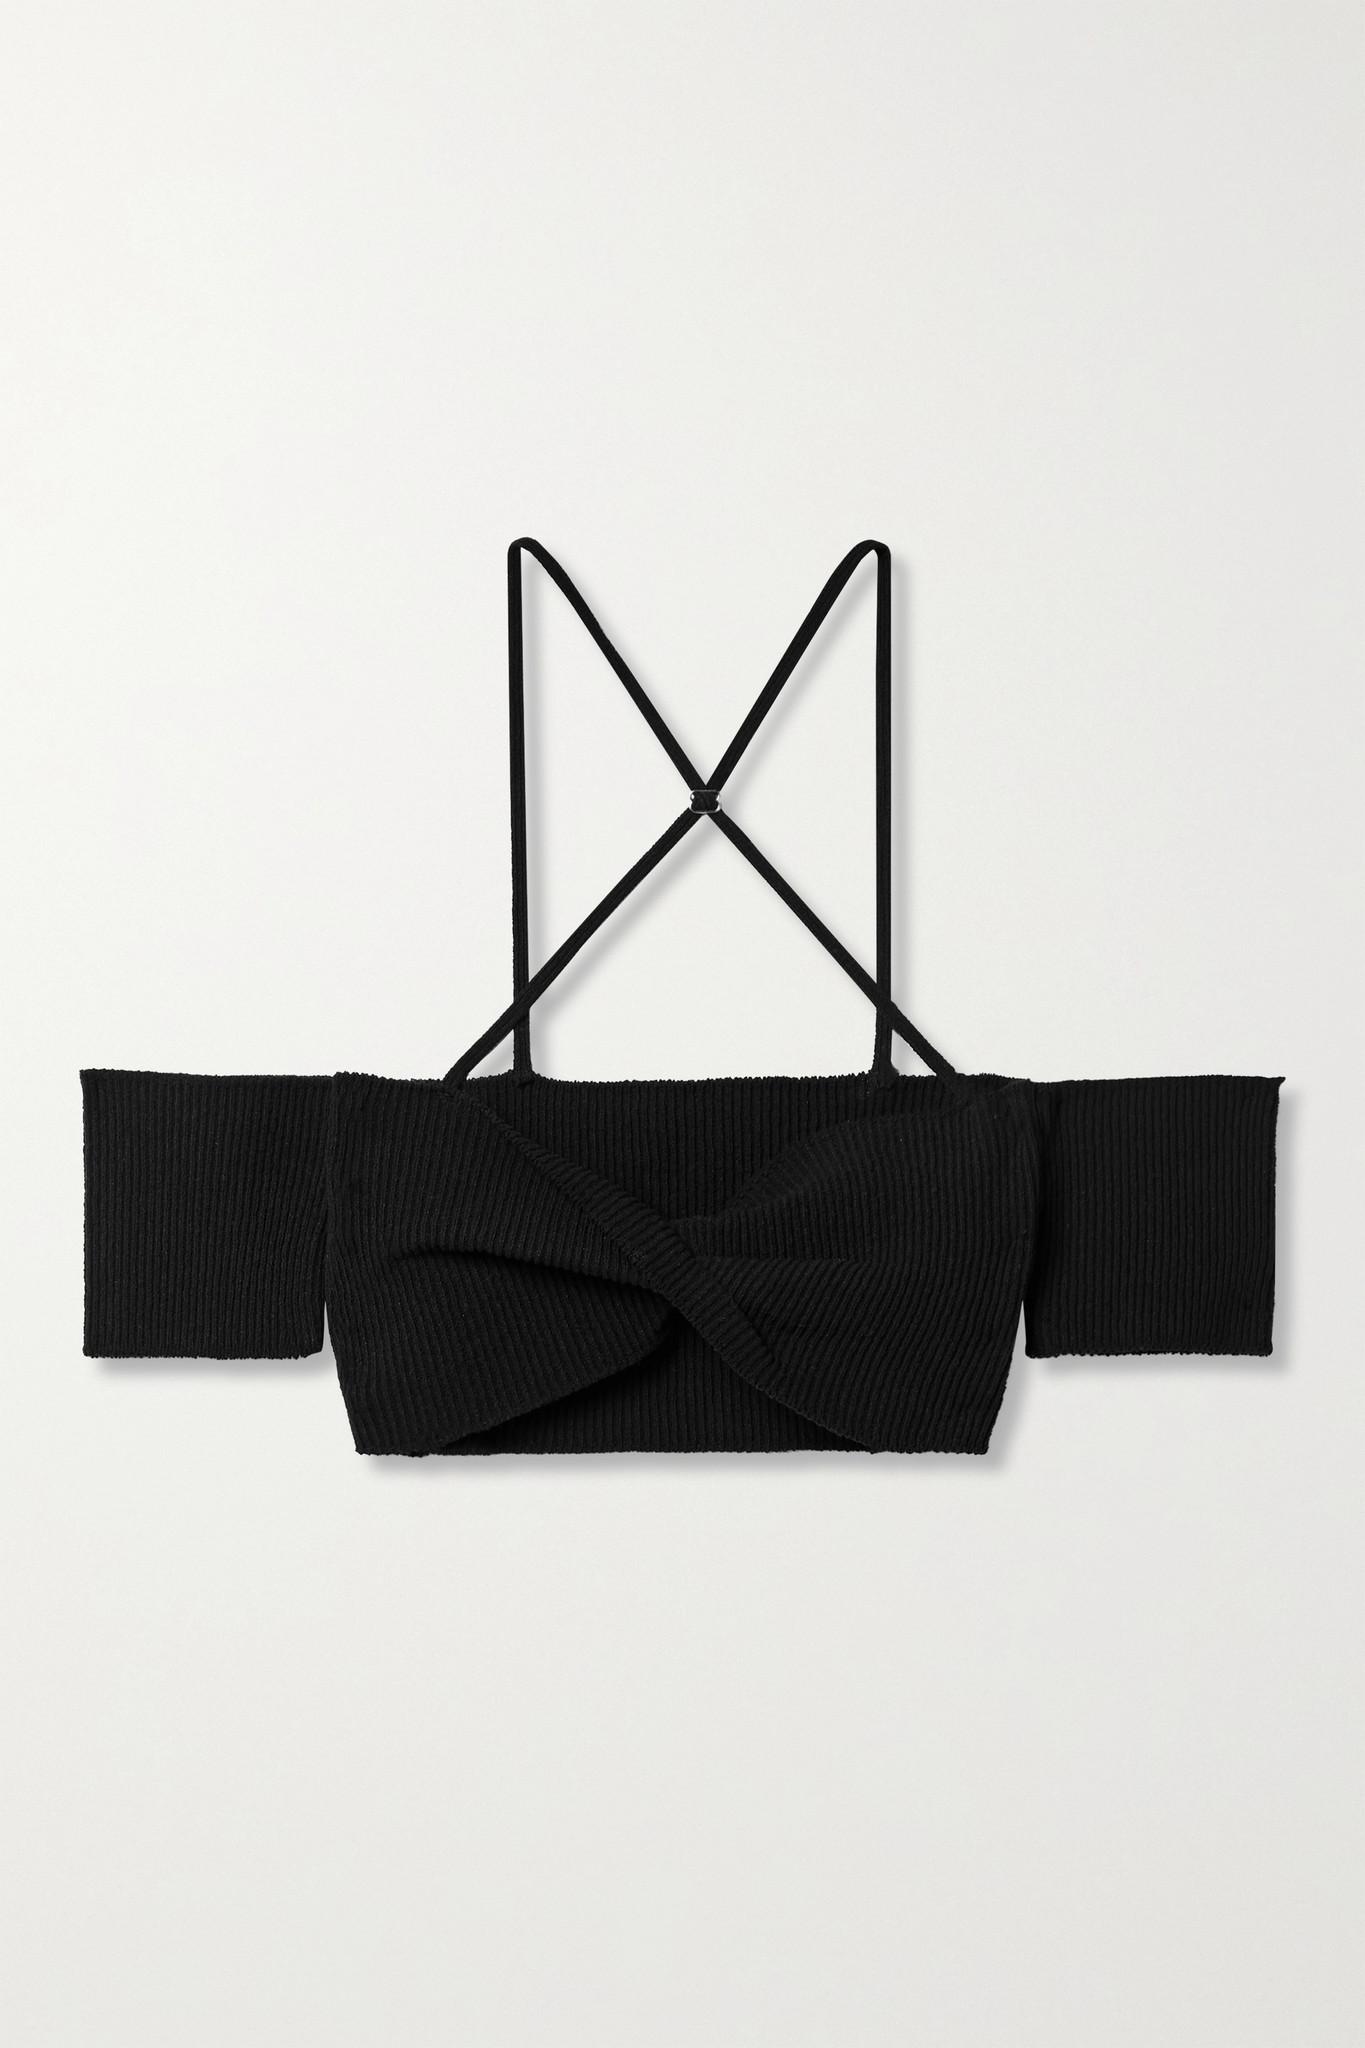 JACQUEMUS - Soleil 露肩罗纹棉质混纺短款上衣 - 黑色 - FR34